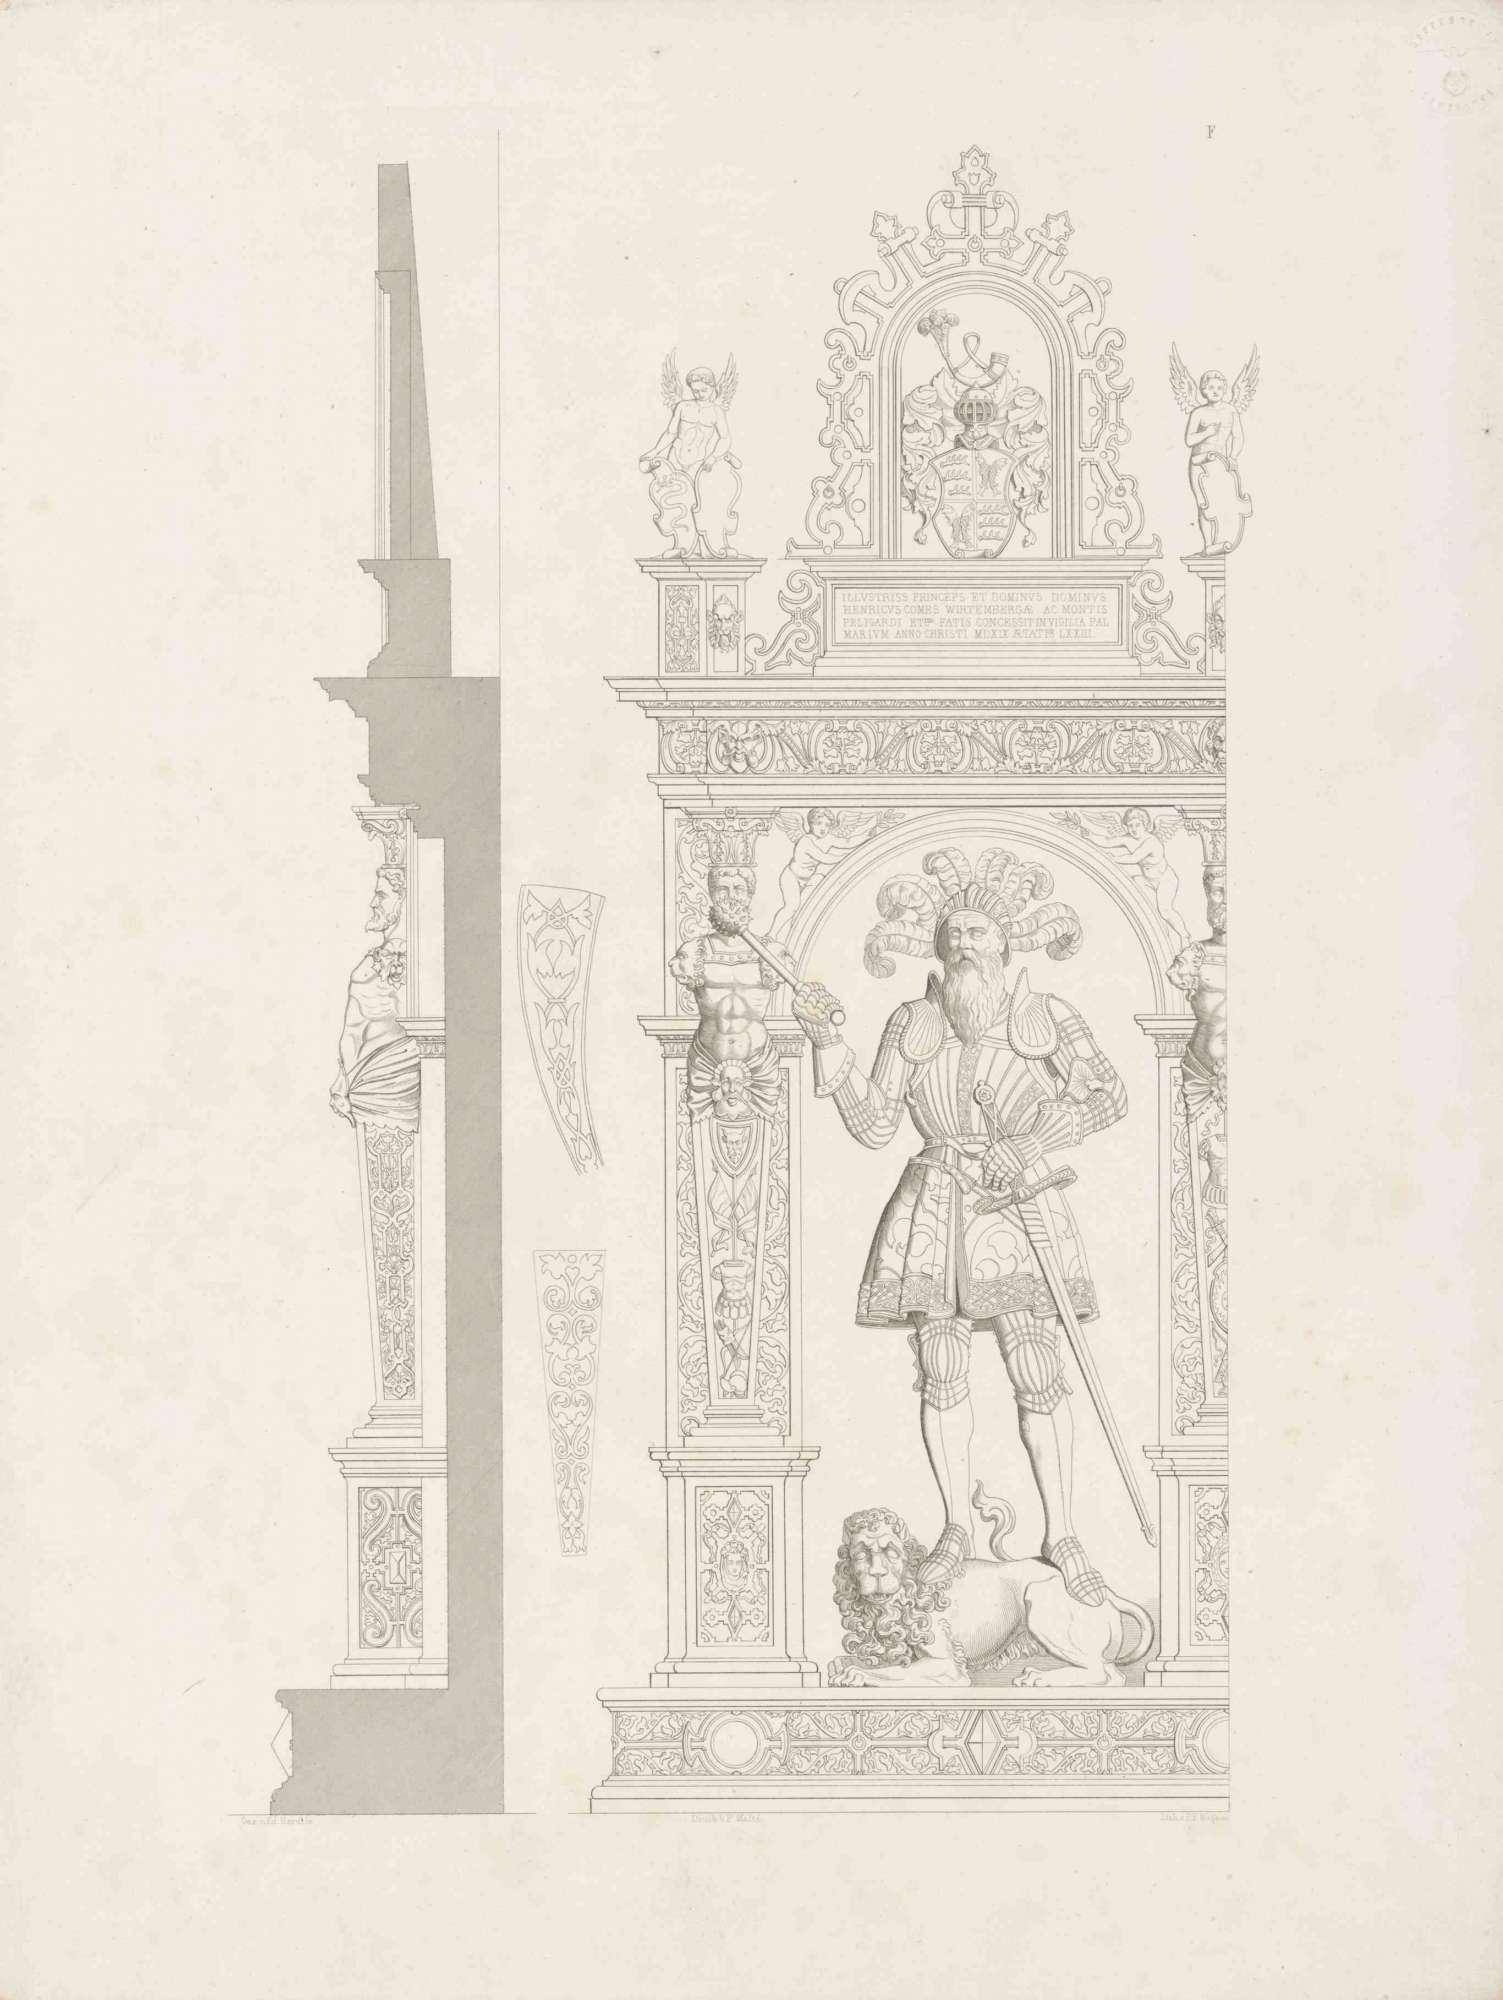 Graf Heinrich, in Renaissancerahmen mit Wappen und Inschrift darüber, auf Löwen stehend, Bild 1